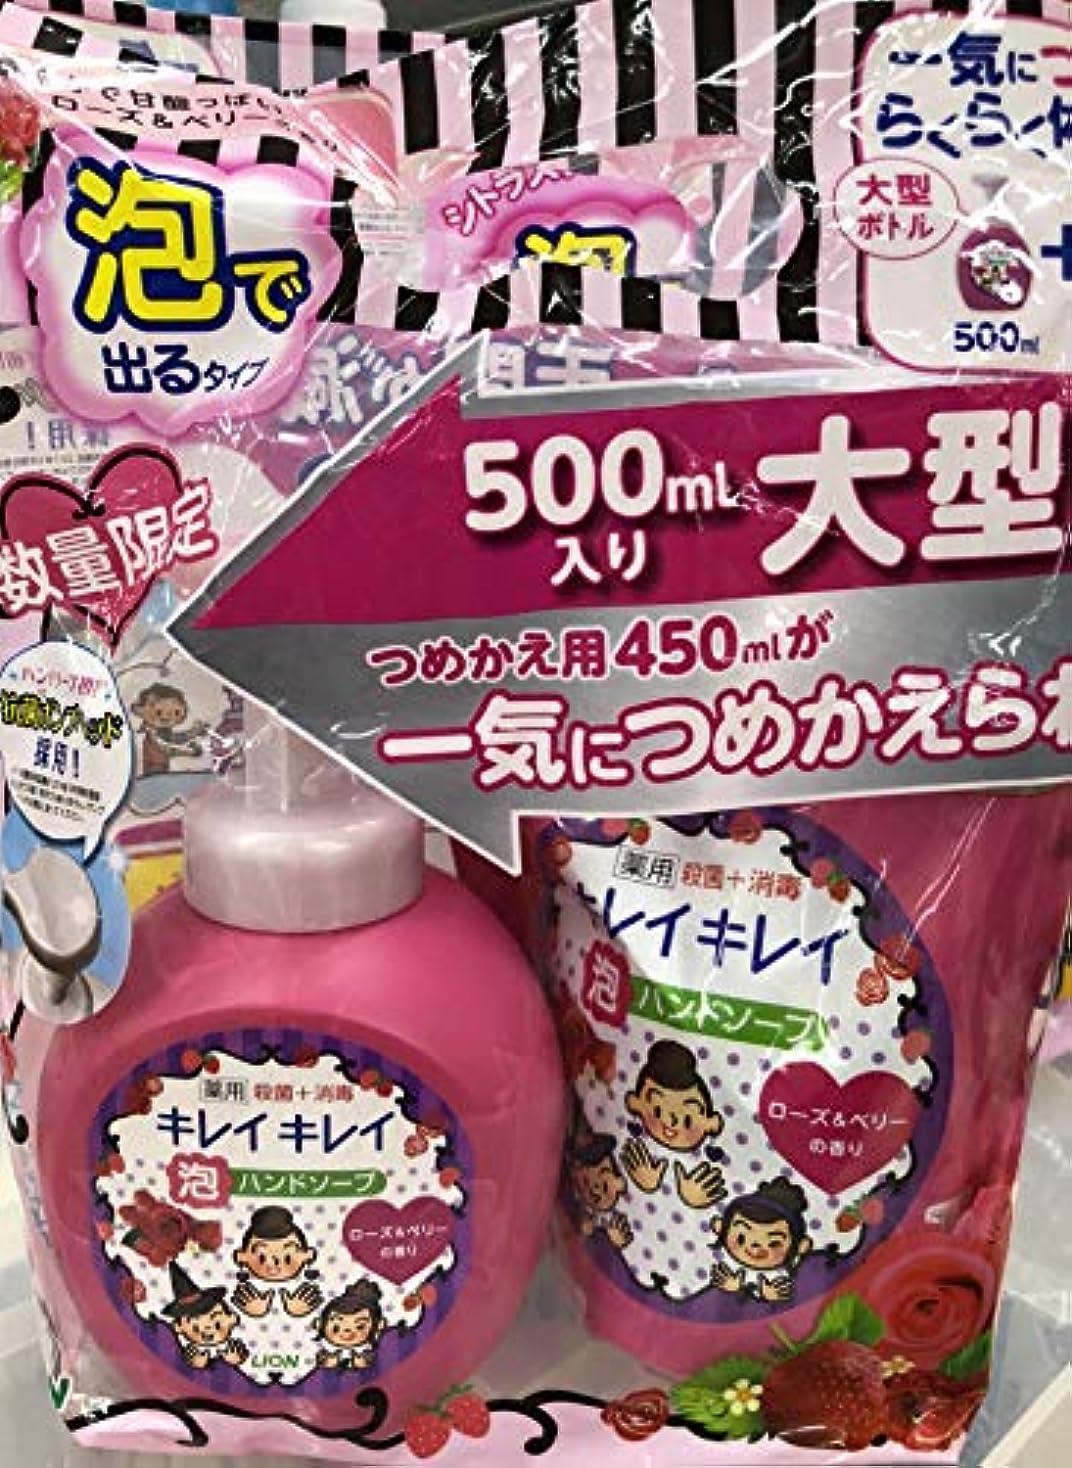 一回化粧エンジニアリングライオン キレイキレイ 薬用泡ハンドソープ ローズ & ベリーの香り 本体+つめ替えセット 500g+450g